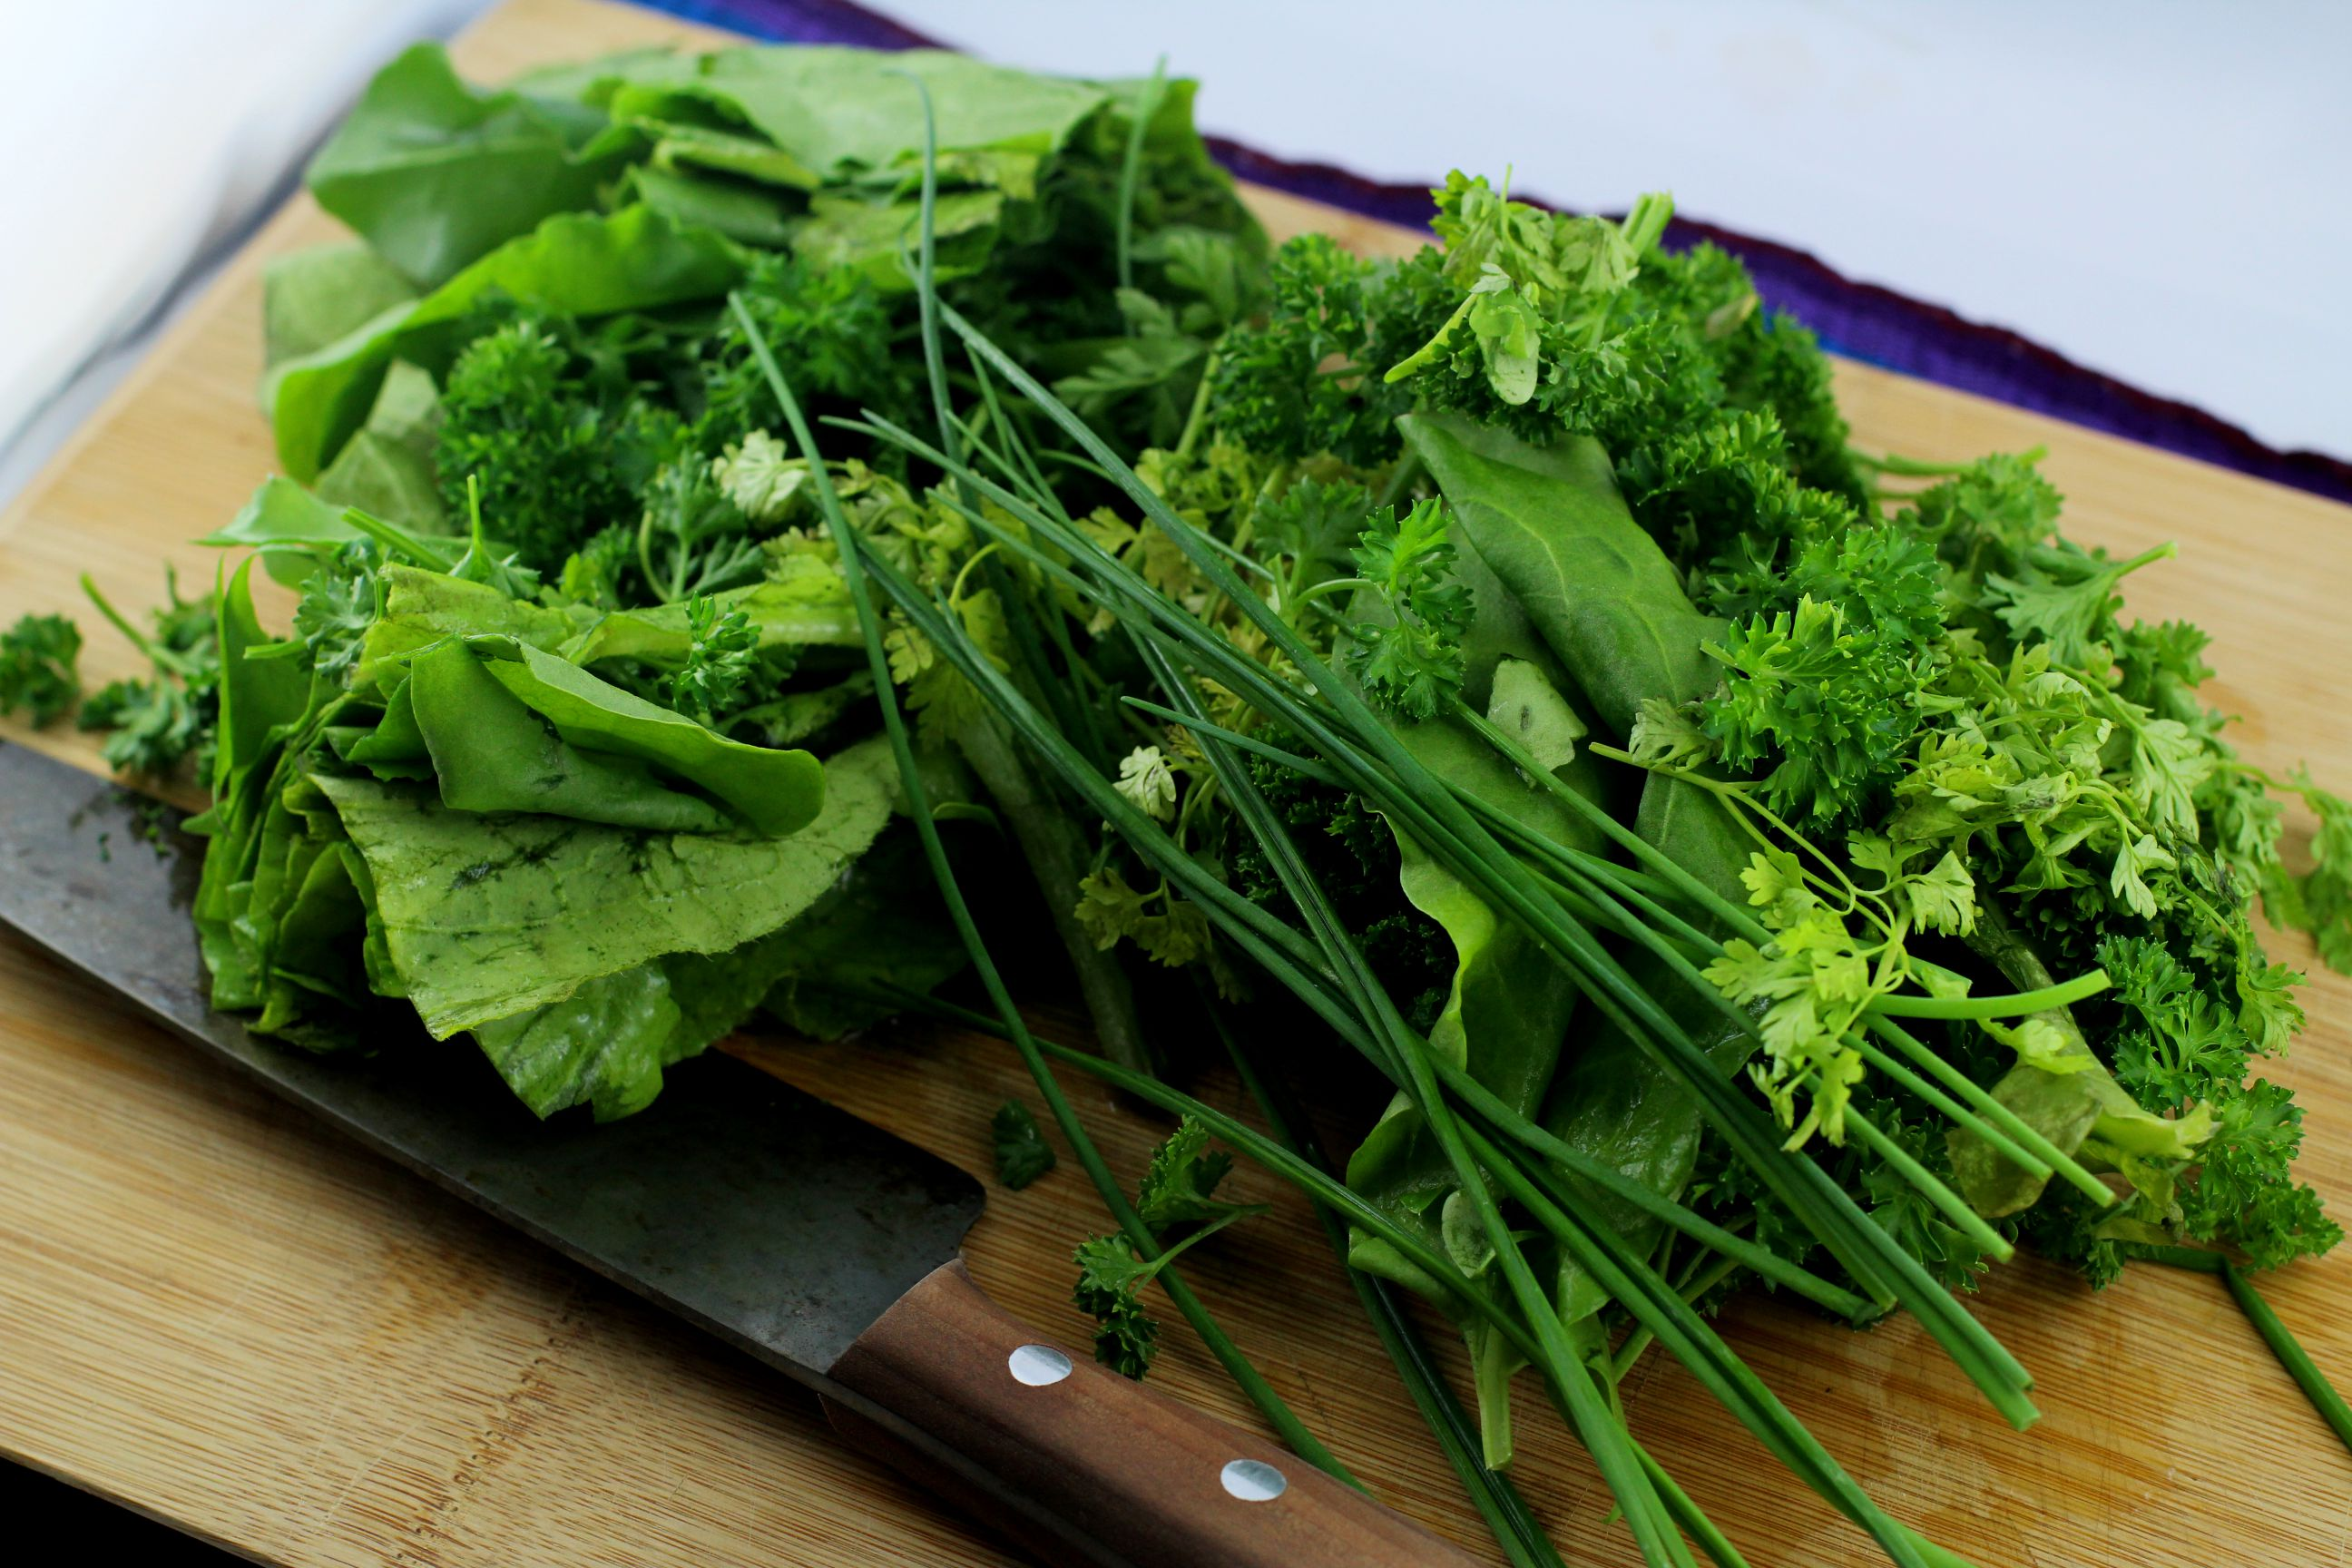 Das sind die sieben Kräuter für Grüne Soße, die gleich gehackt in die Nocken kommen.